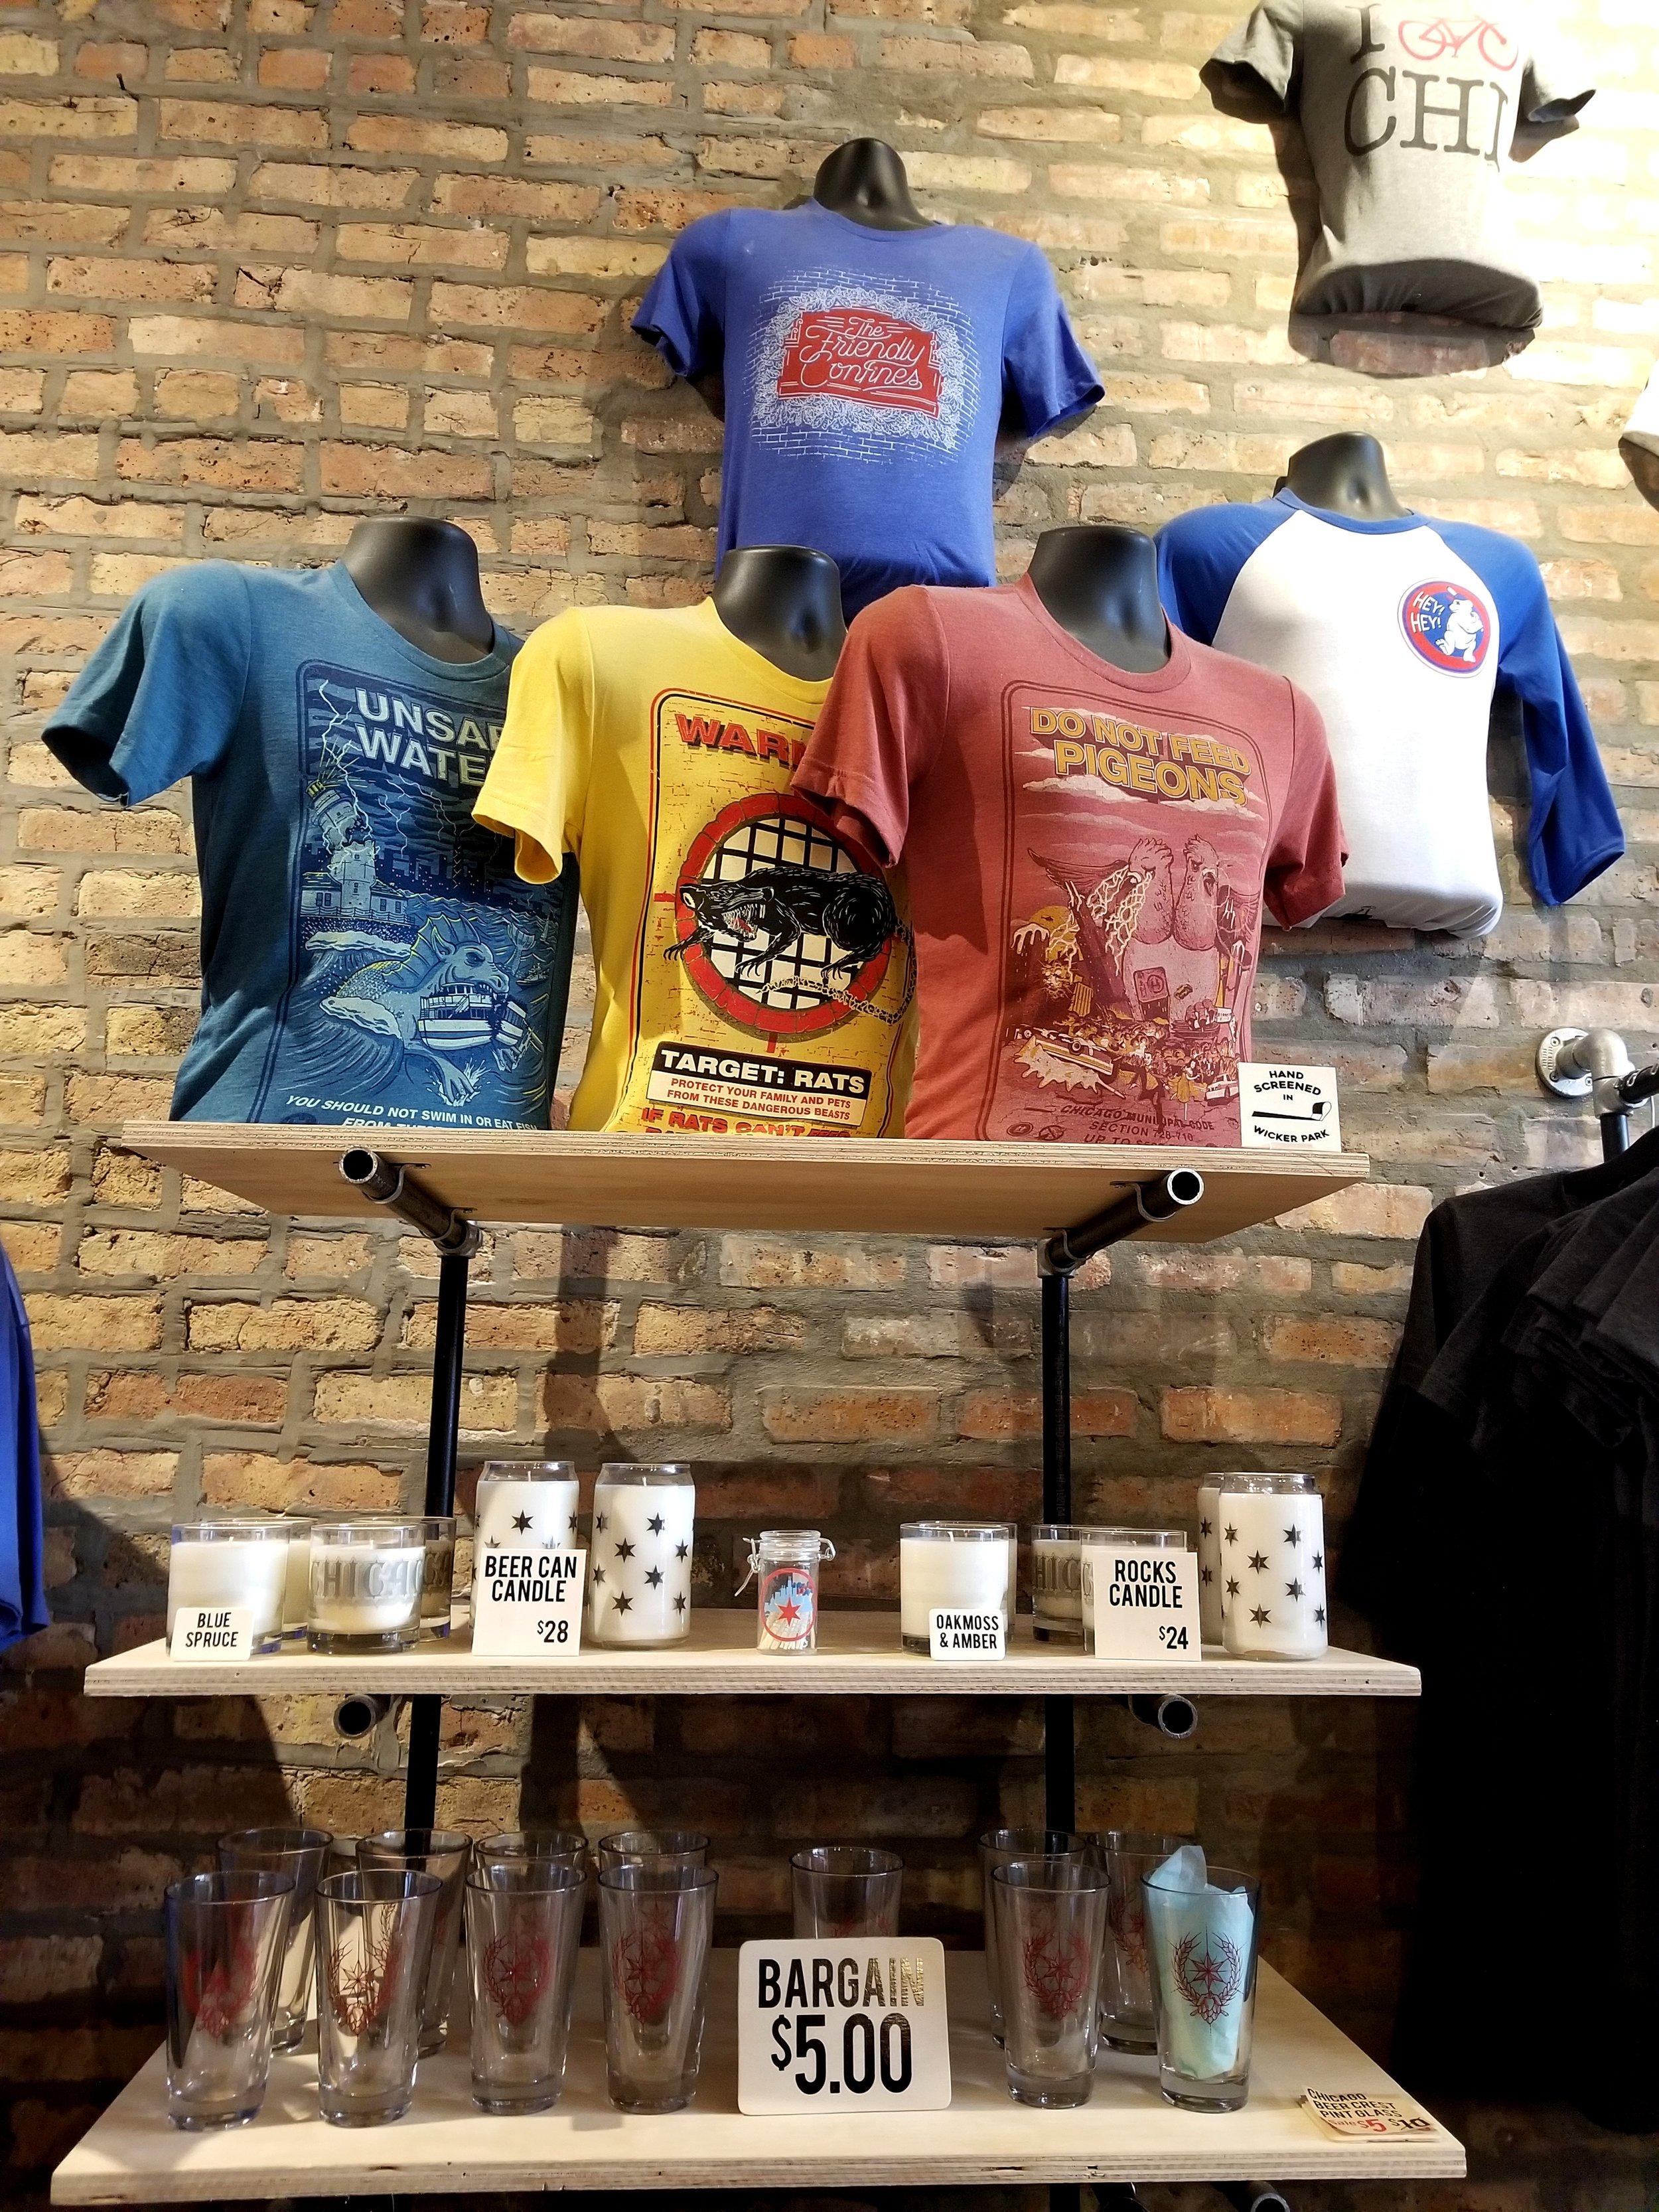 Transit Tees t-shirts